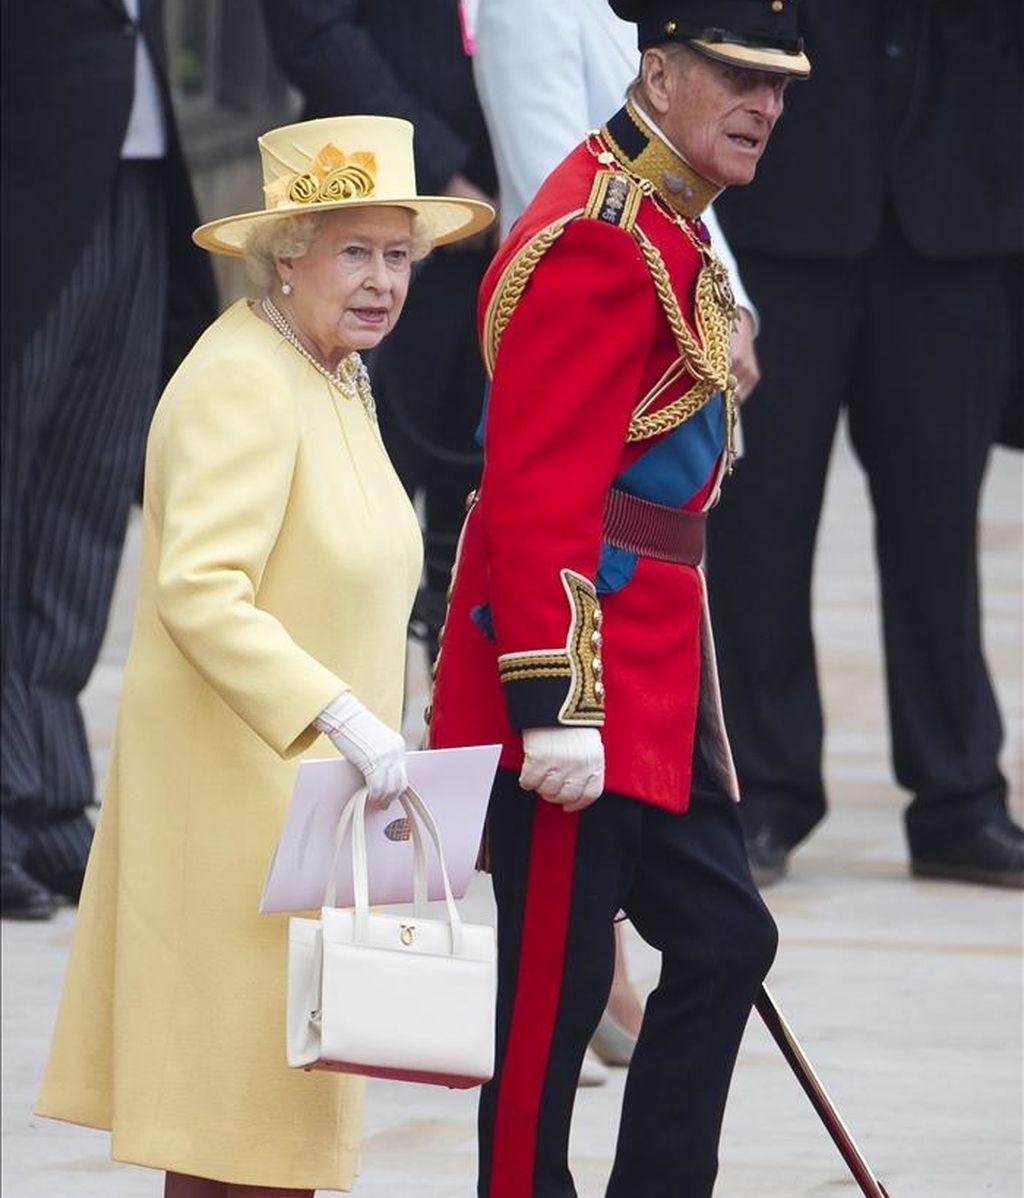 La reina Isabel II (izda) y su marido el príncipe Felipe de Edimburgo (dcha) abandonan la abadía de Westminster al finalizar la ceremonia del enlace de su nieto el príncipe Guillermo y Catalina en Londres (Reino Unido) hoy, viernes, 29 de abril de 2011. EFE